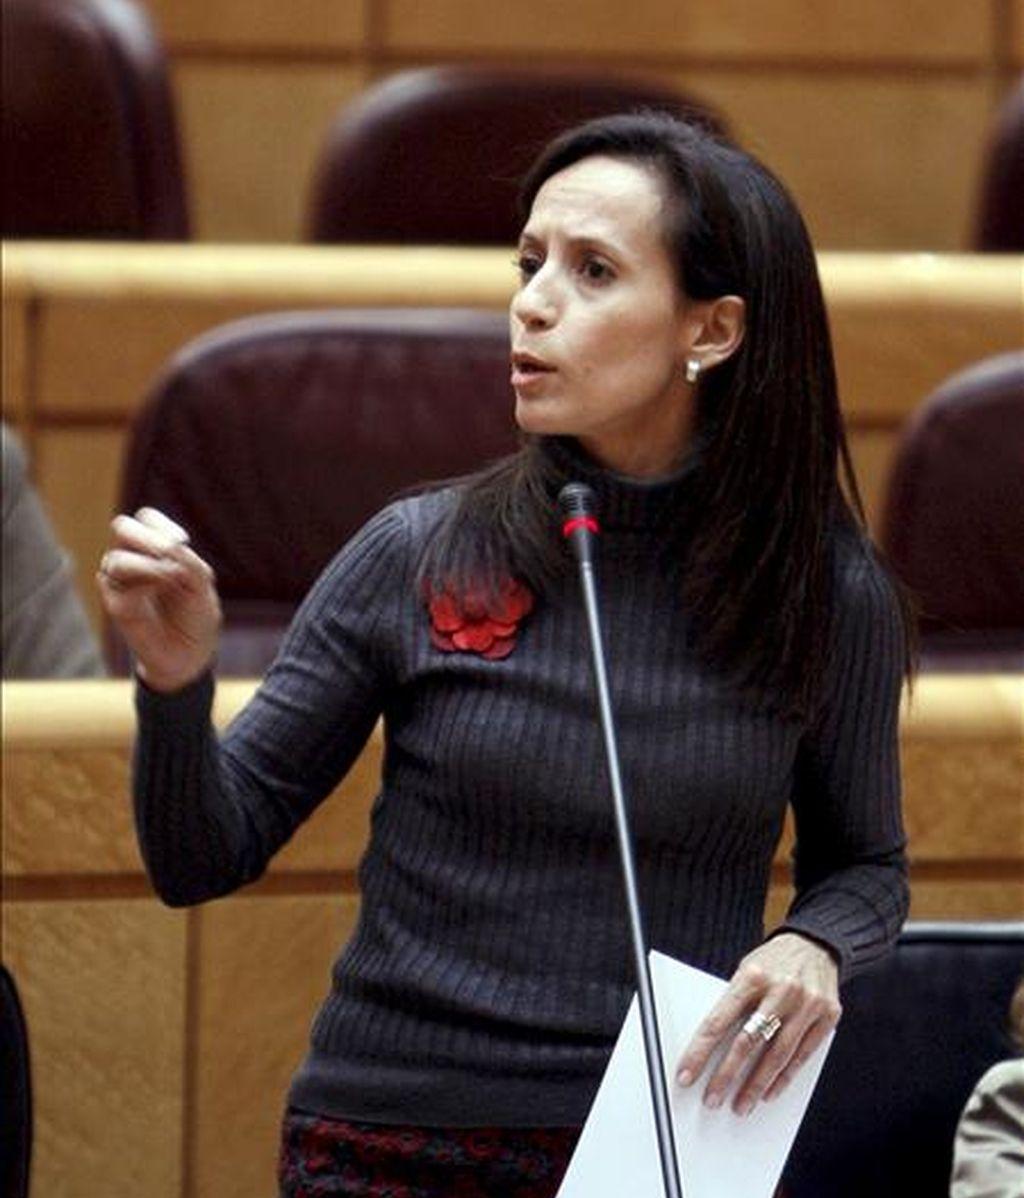 La ministra de Vivienda, Beatriz Corredor, durante su intervención en la sesión de control al Gobierno del pleno del Senado celebrada esta tarde, la primera tras la reciente remodelación ministerial. EFE